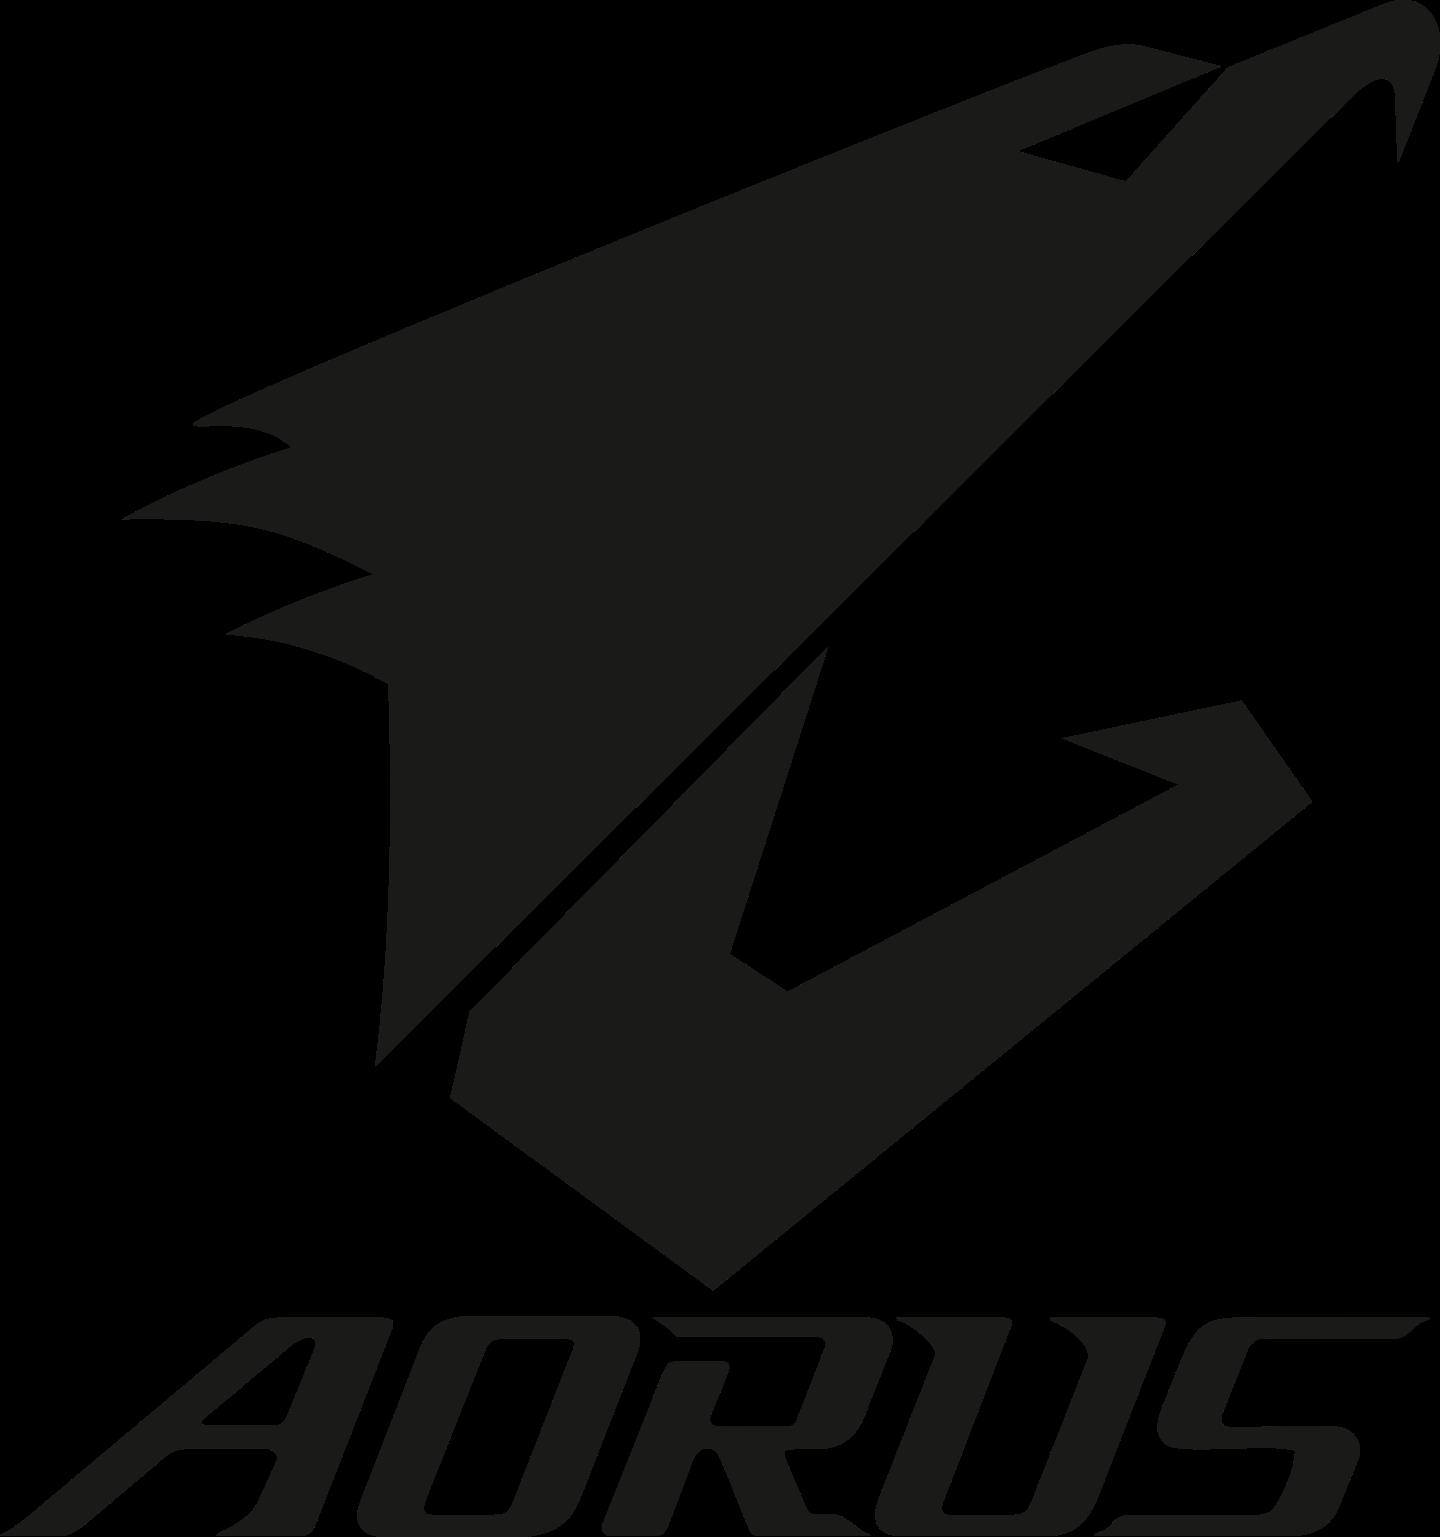 aorus logo 3 - AORUS Logo